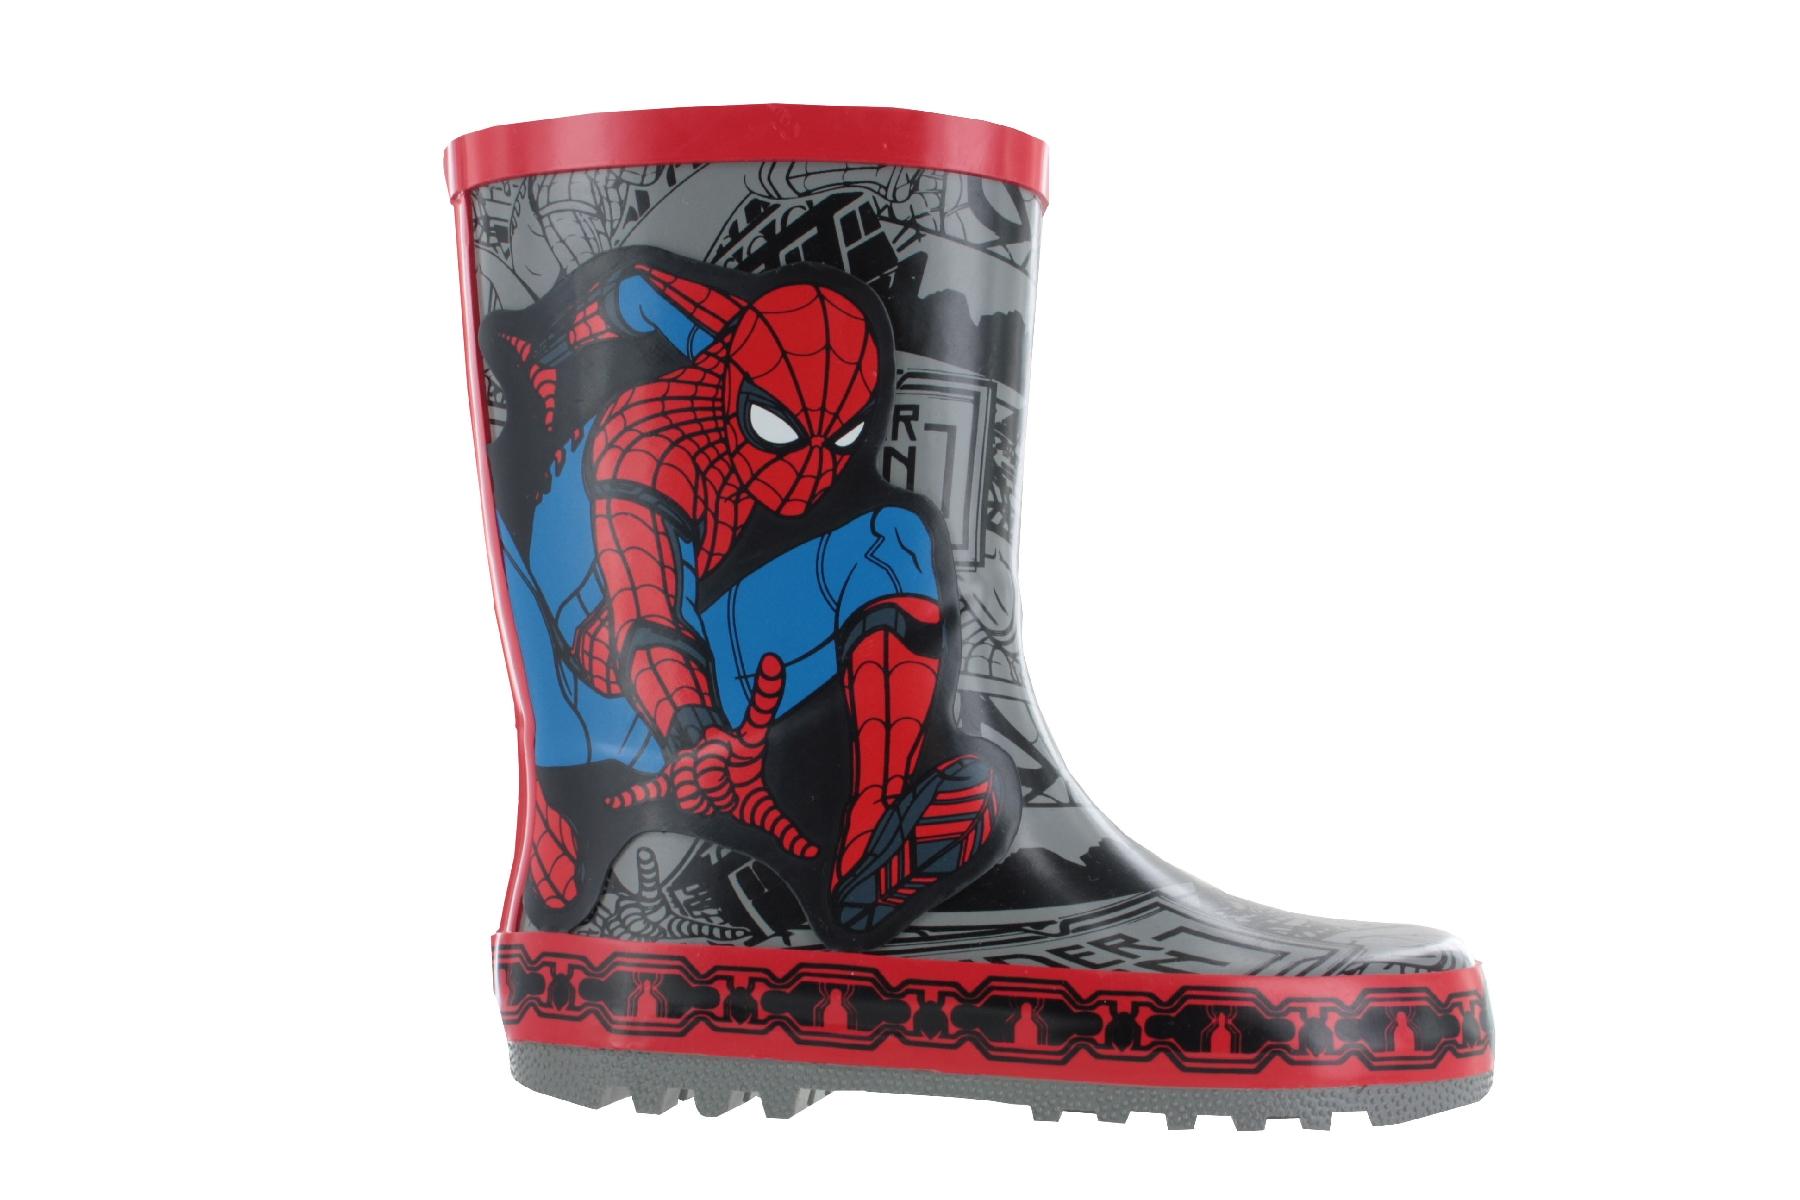 Jungen Spiderman rote Gummistiefel Gummistiefel Gummistiefel jungen Kids Kinder verschiedene Gr en